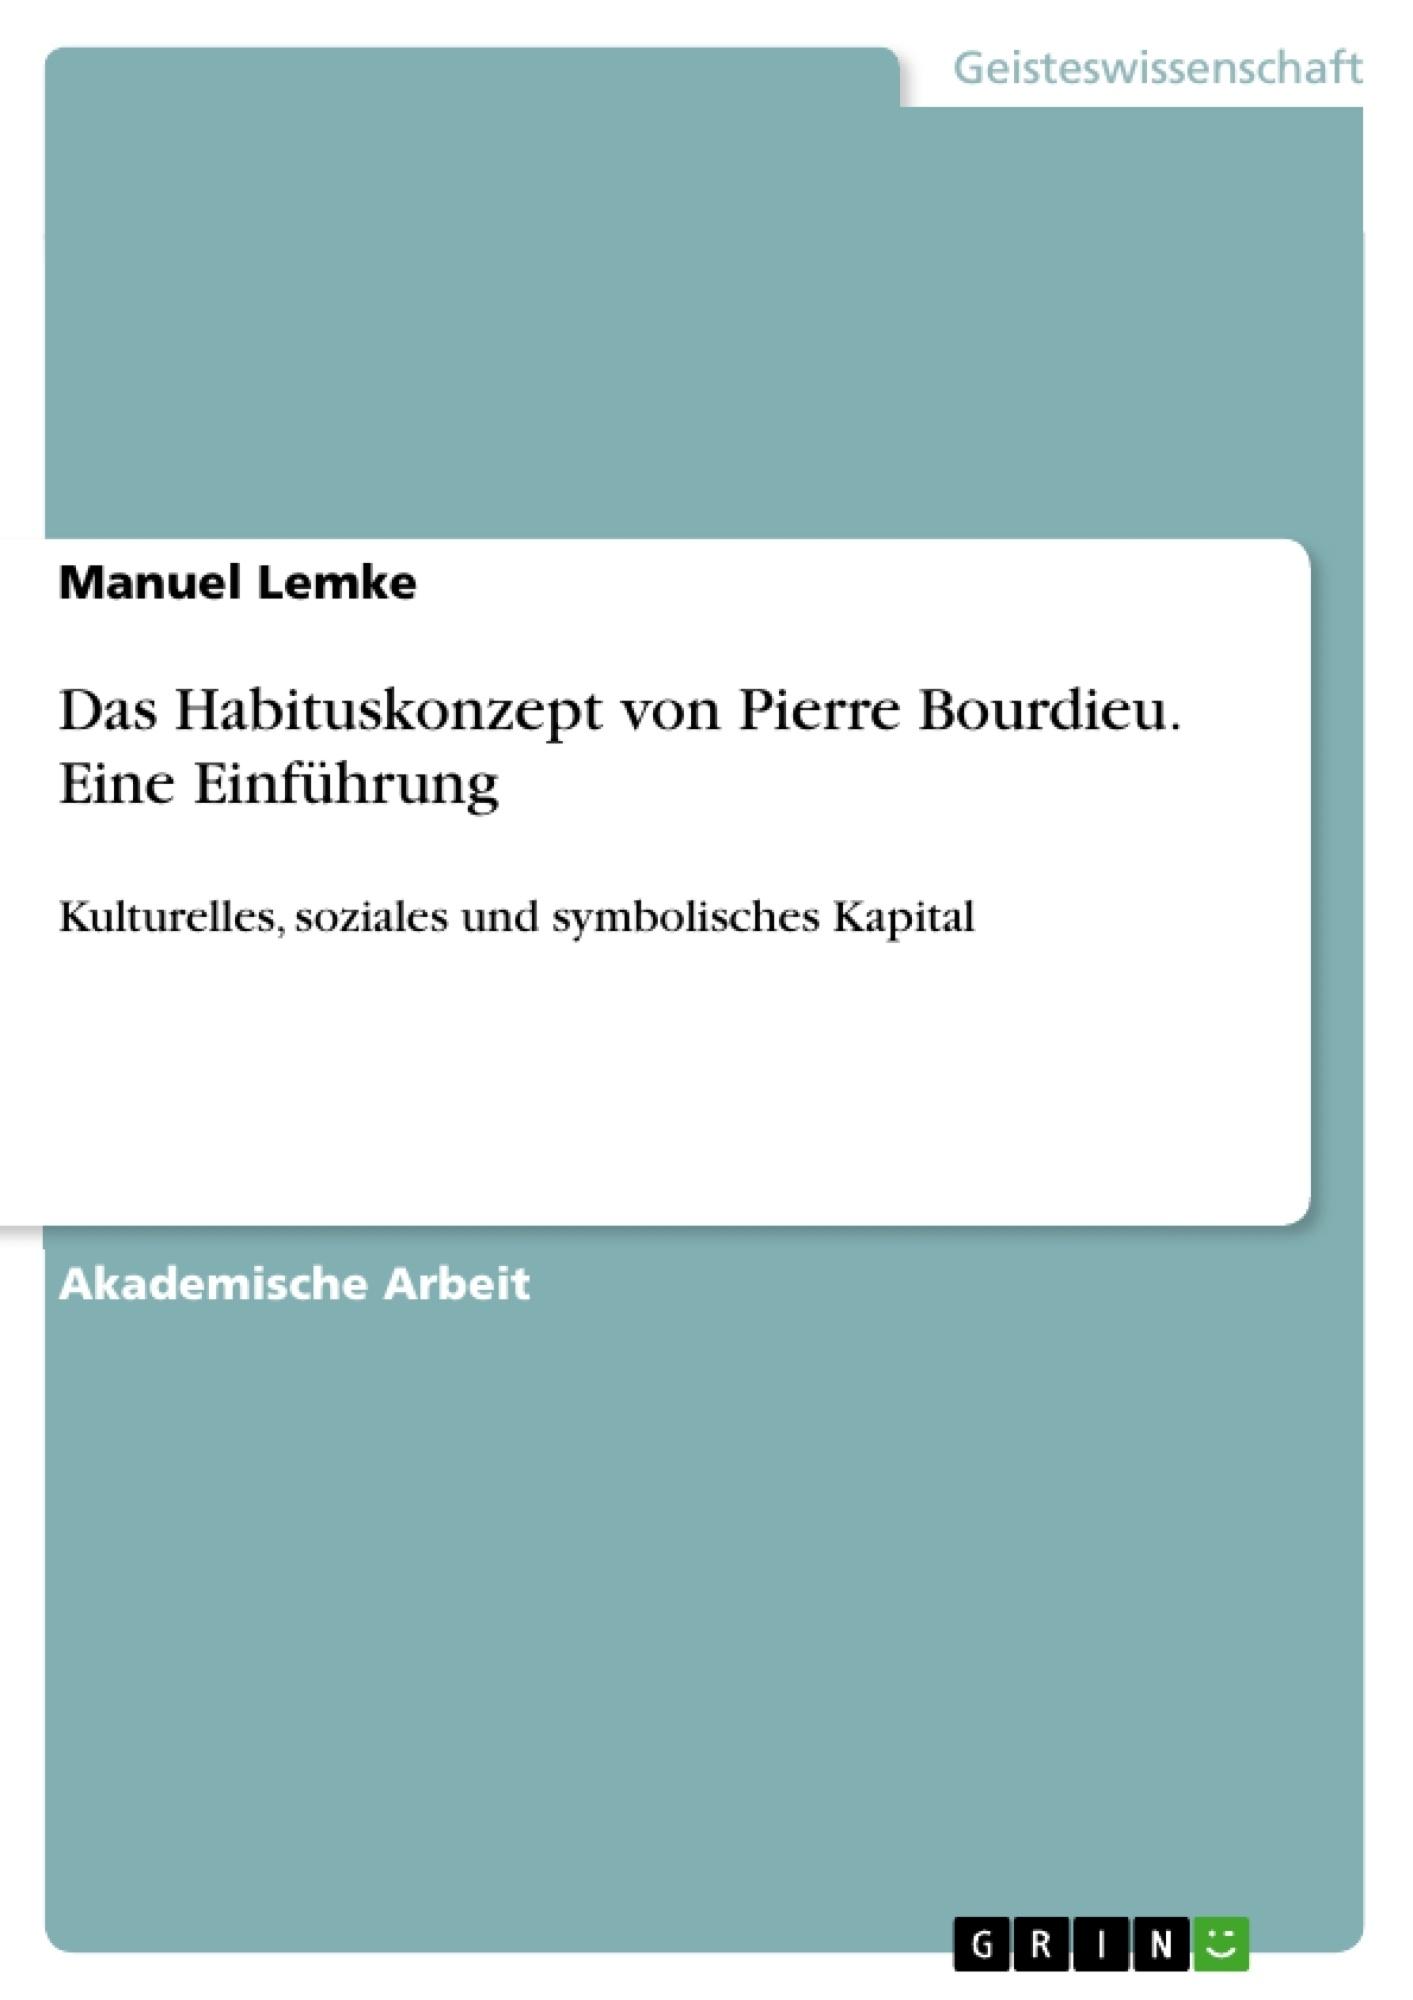 Titel: Das Habituskonzept von Pierre Bourdieu. Eine Einführung